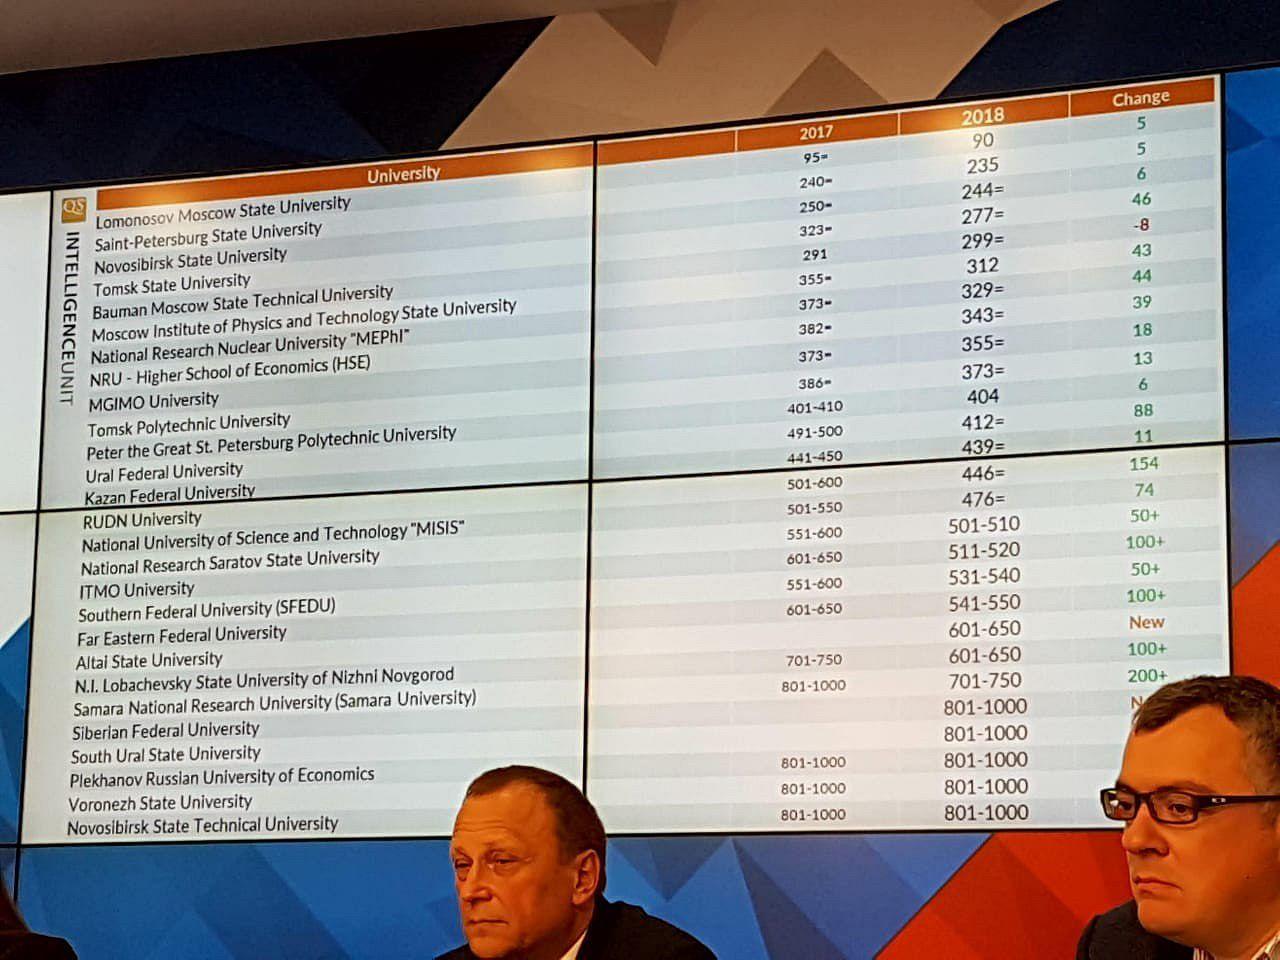 ASU enters top 20 best universities of Russia in QS World University